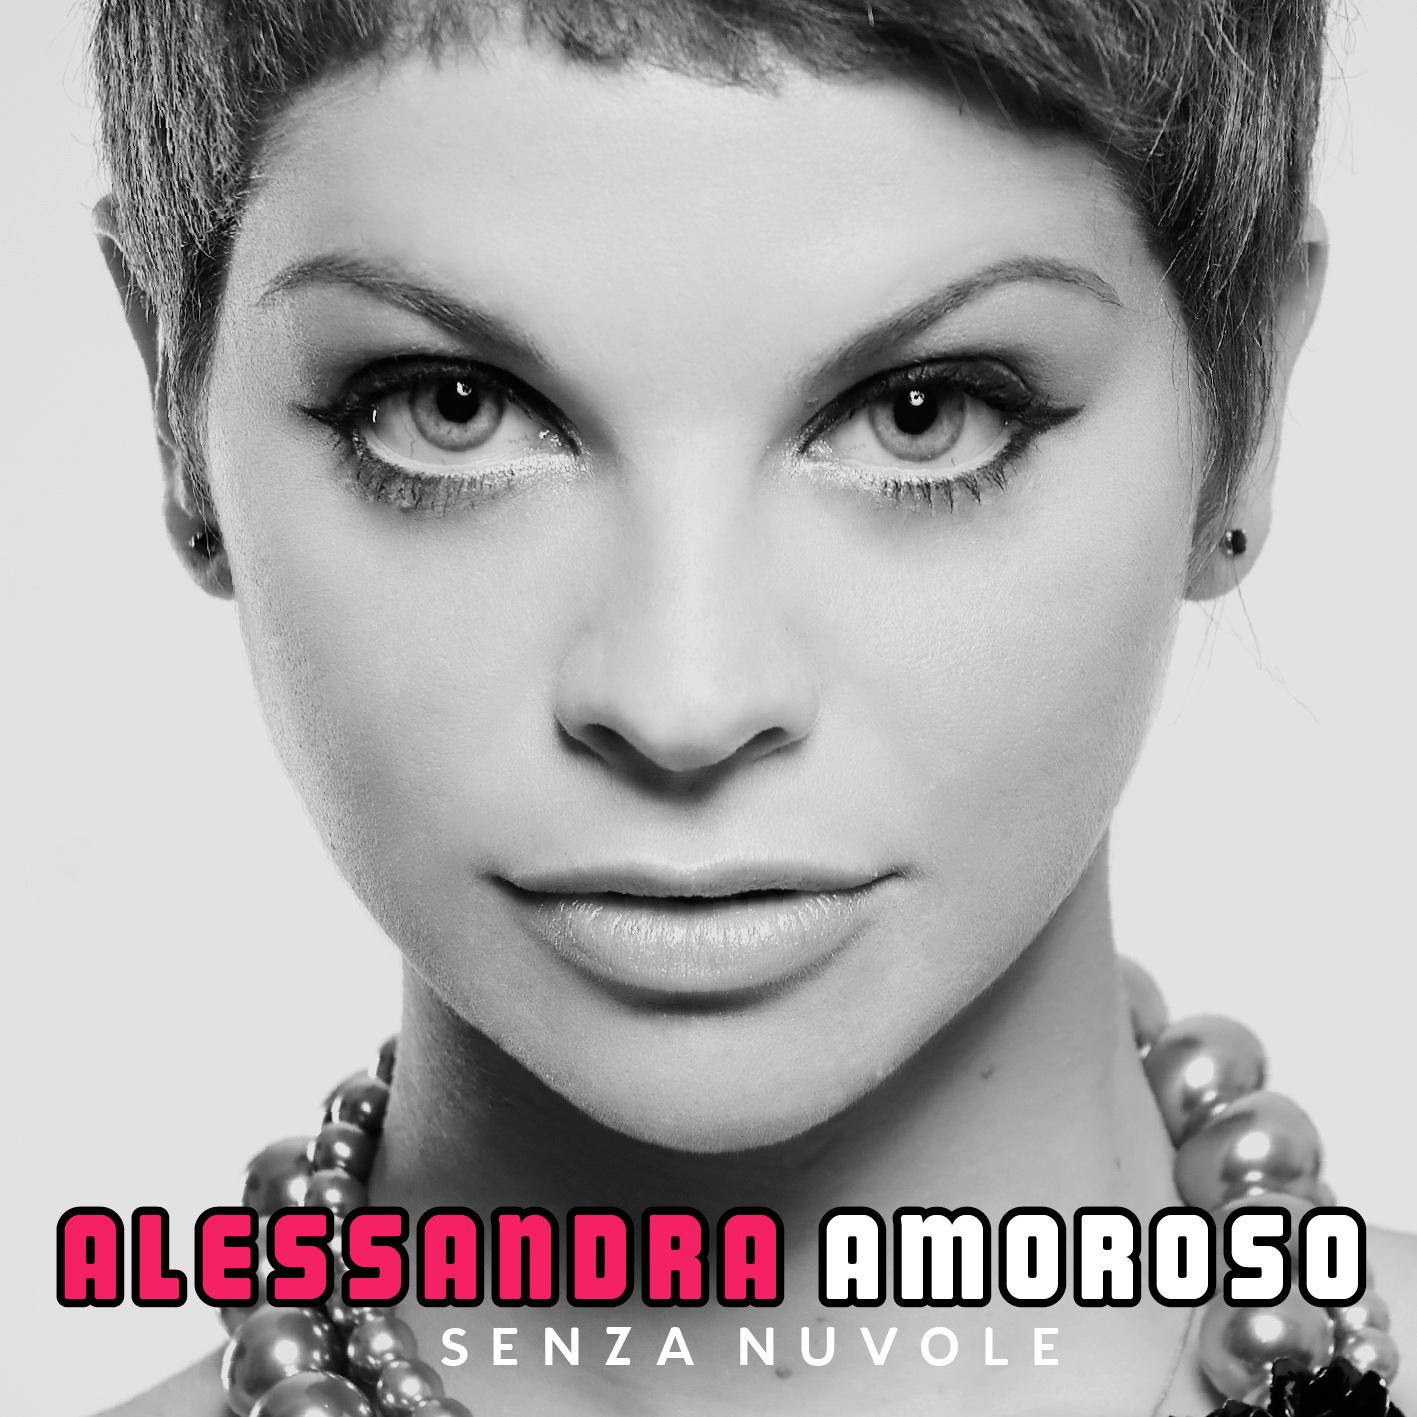 Estranei a Partire da Ieri - Alessandra Amoroso: Testo (lyrics), traduzione e video